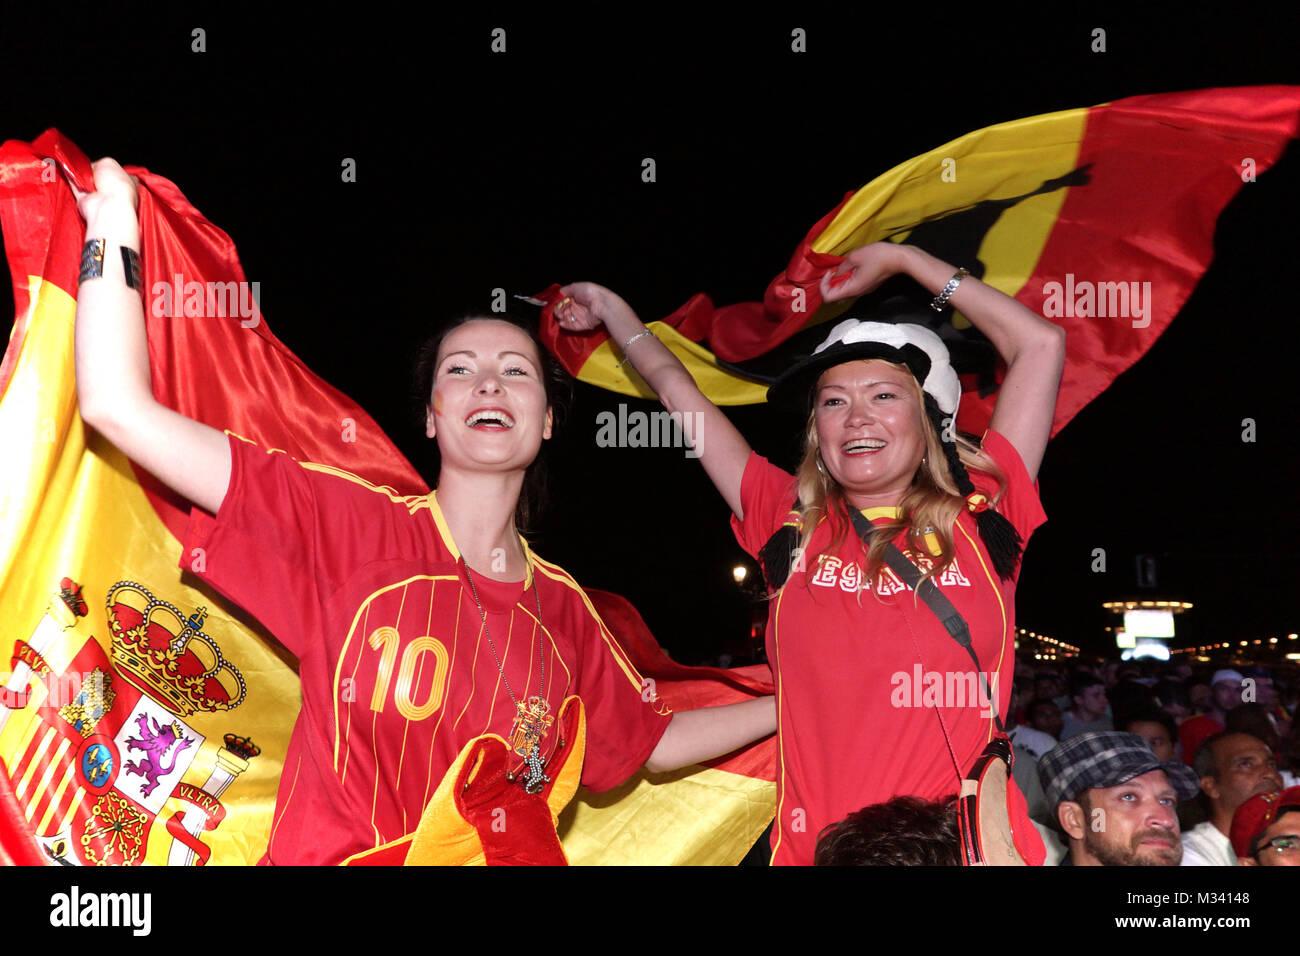 Laut jubelnde Fußballfans beim Sieg von Spanien gegen Italien an der Fanmeile zur Europameisterschaft 2012 am Brandenburger Tor in Berlino. Foto Stock